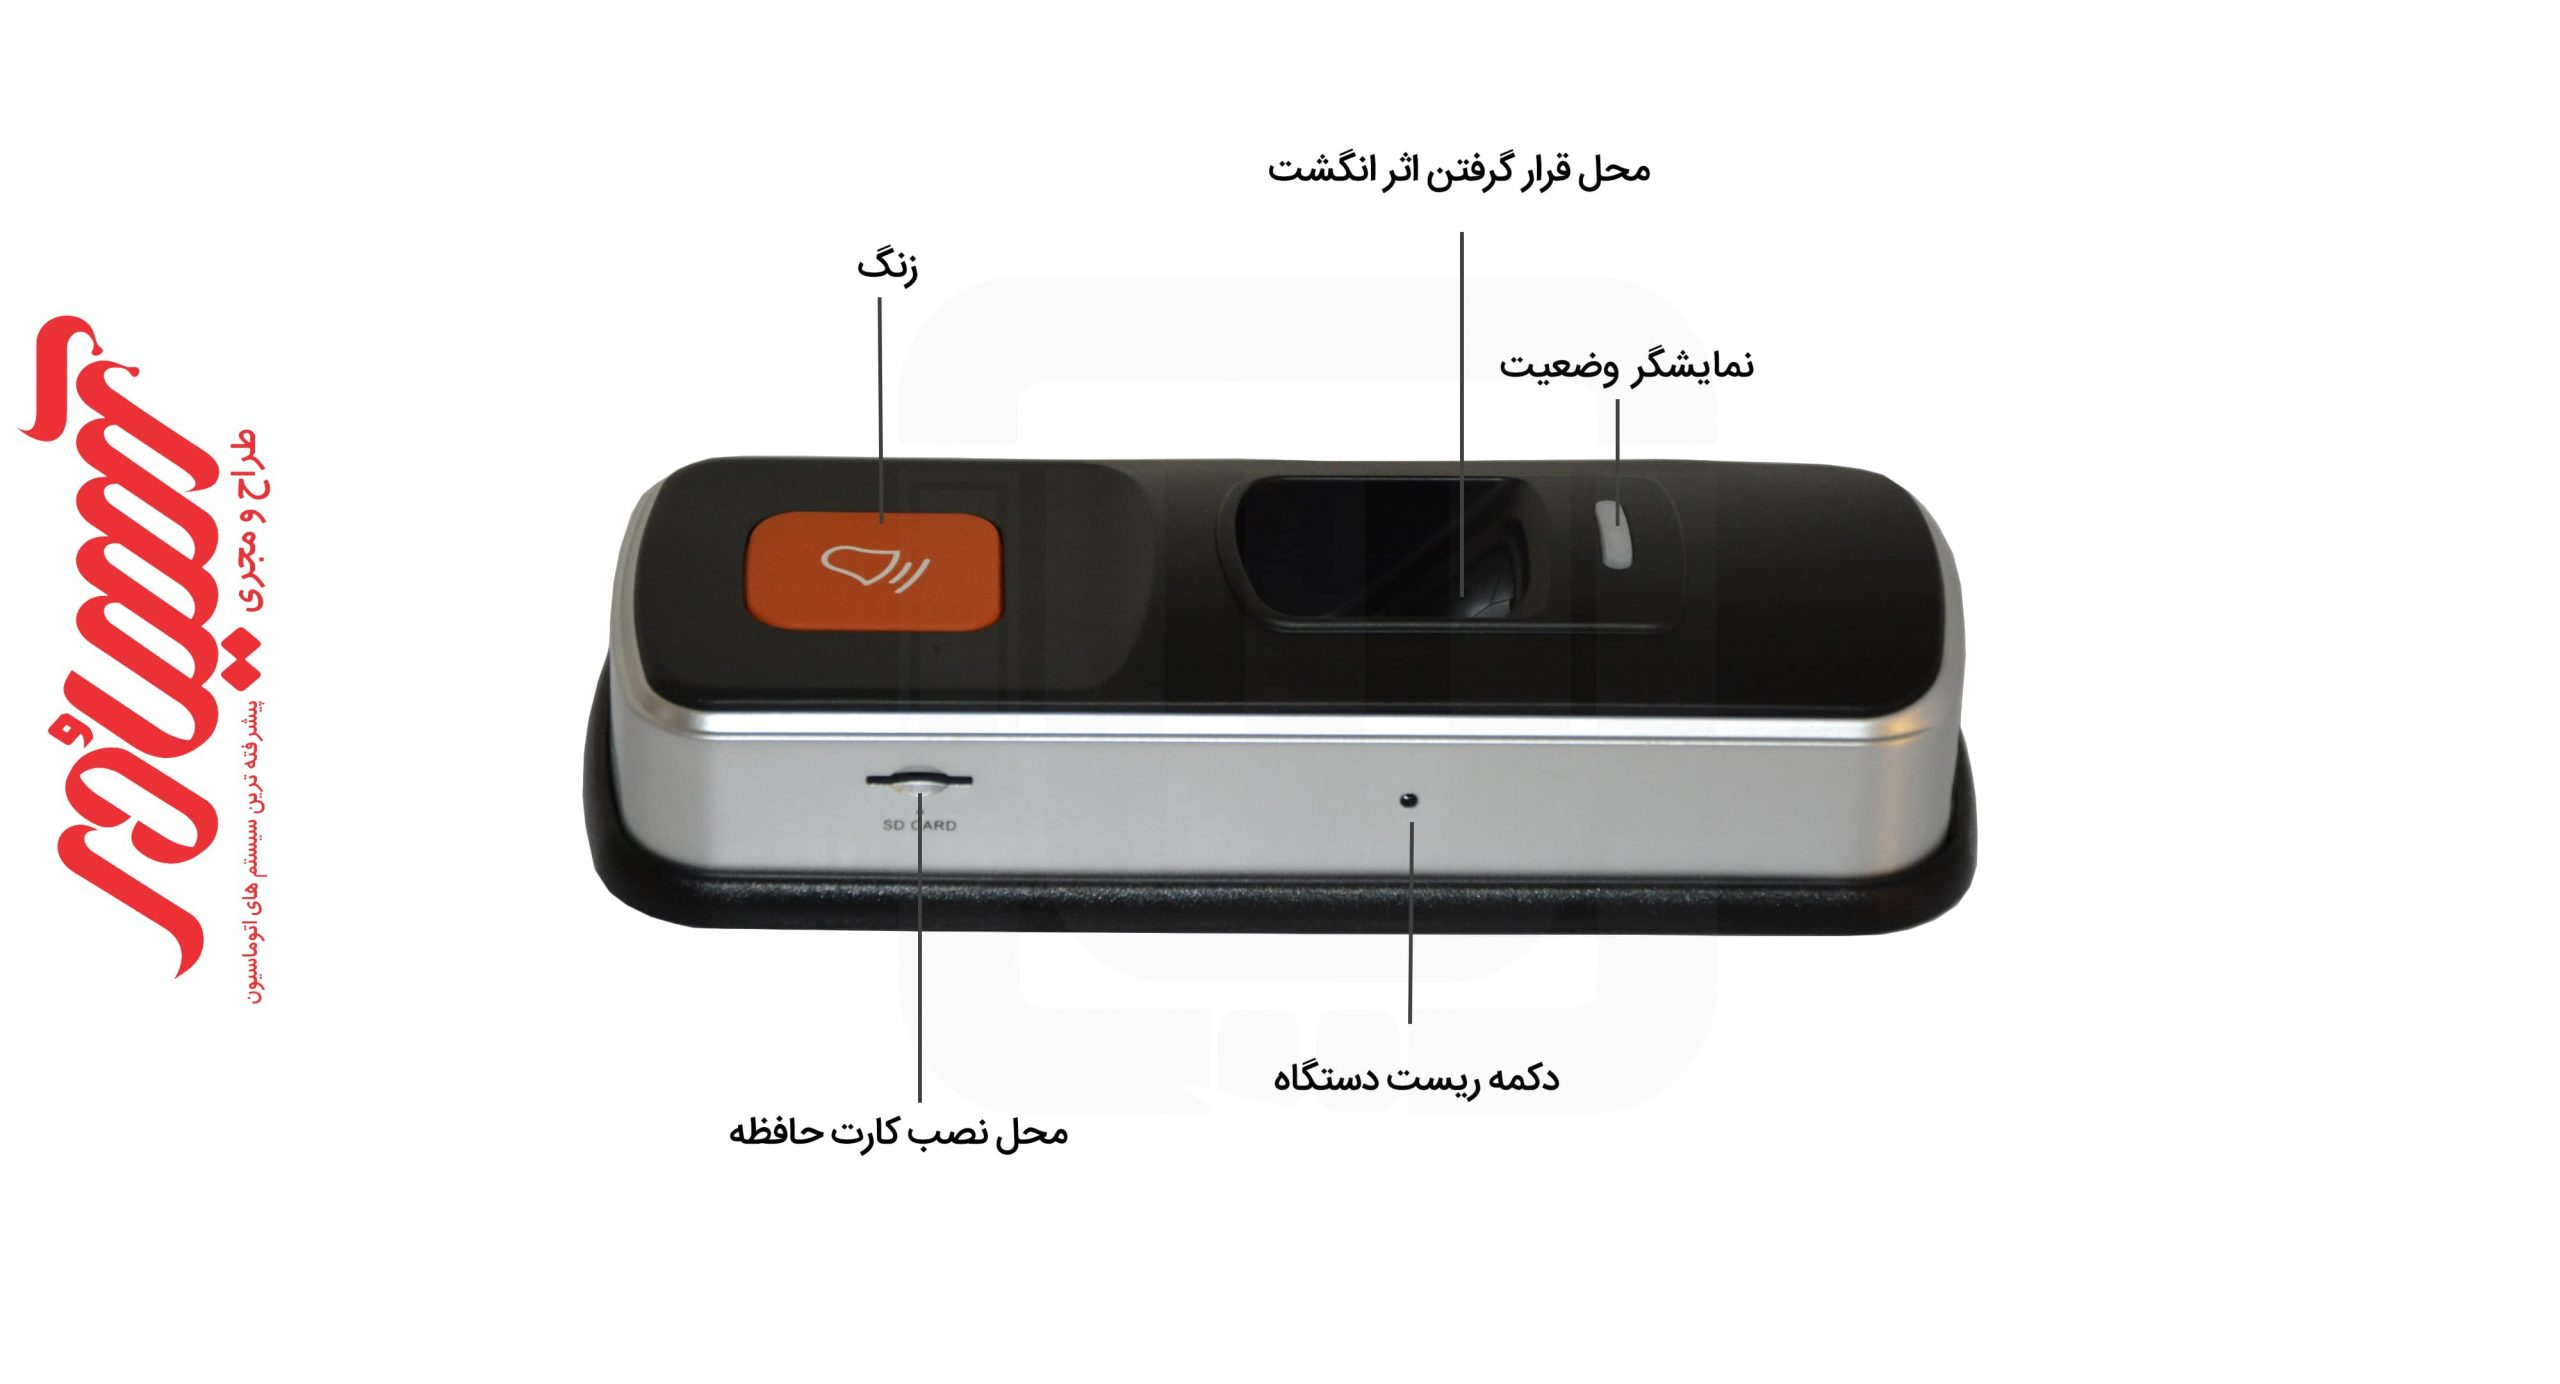 دستگاه کنترل تردد زوتر ZOTER F100